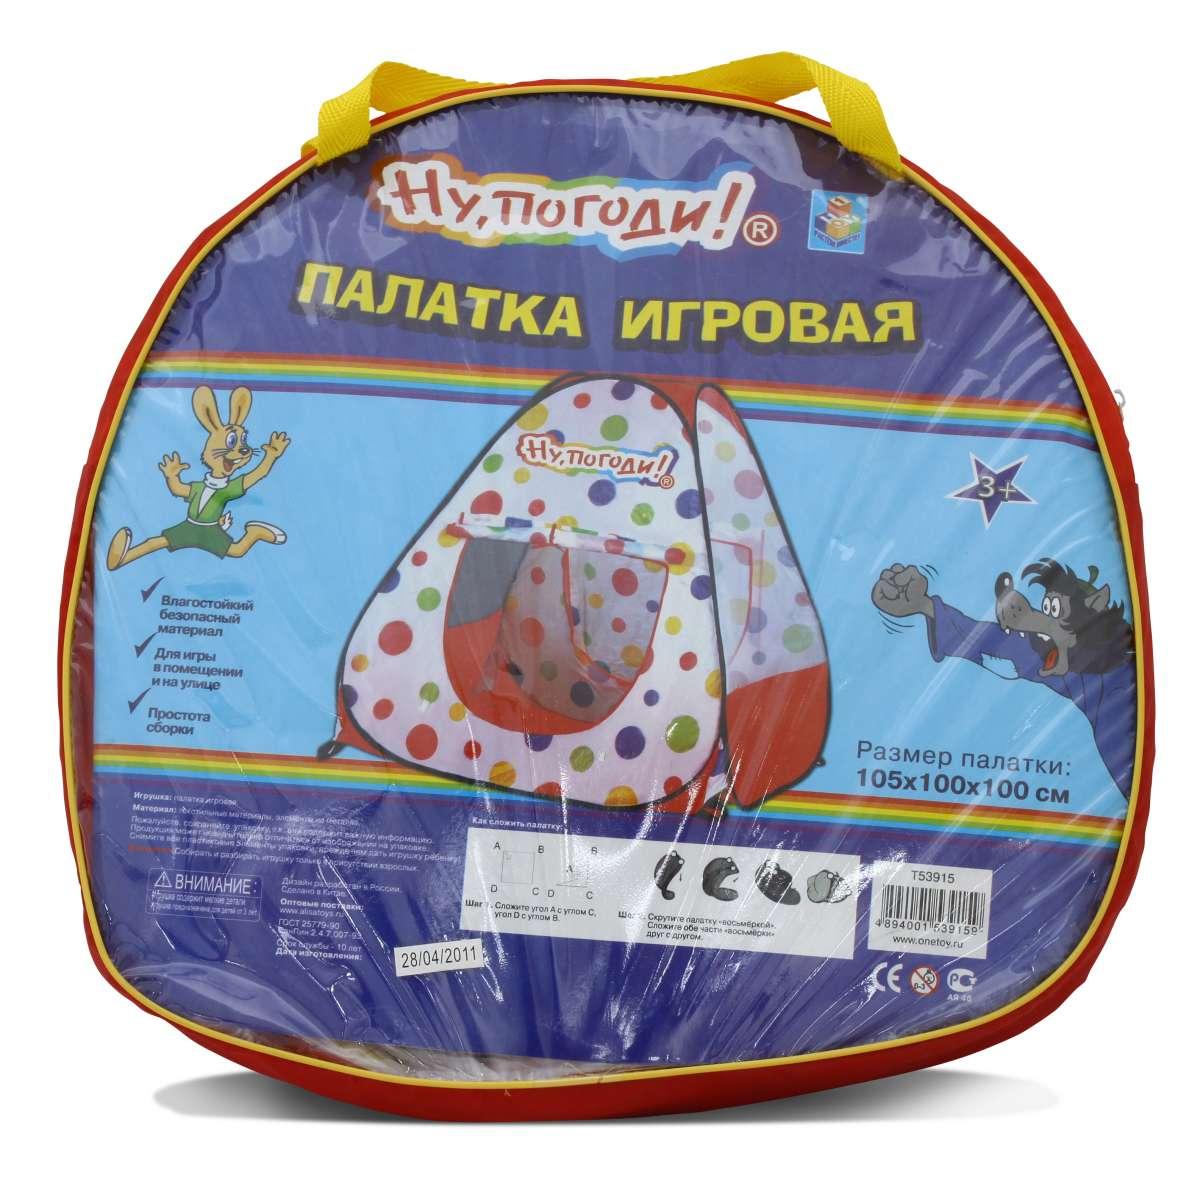 1TOY Детская игровая палатка в сумке Ну, погоди! Т53915